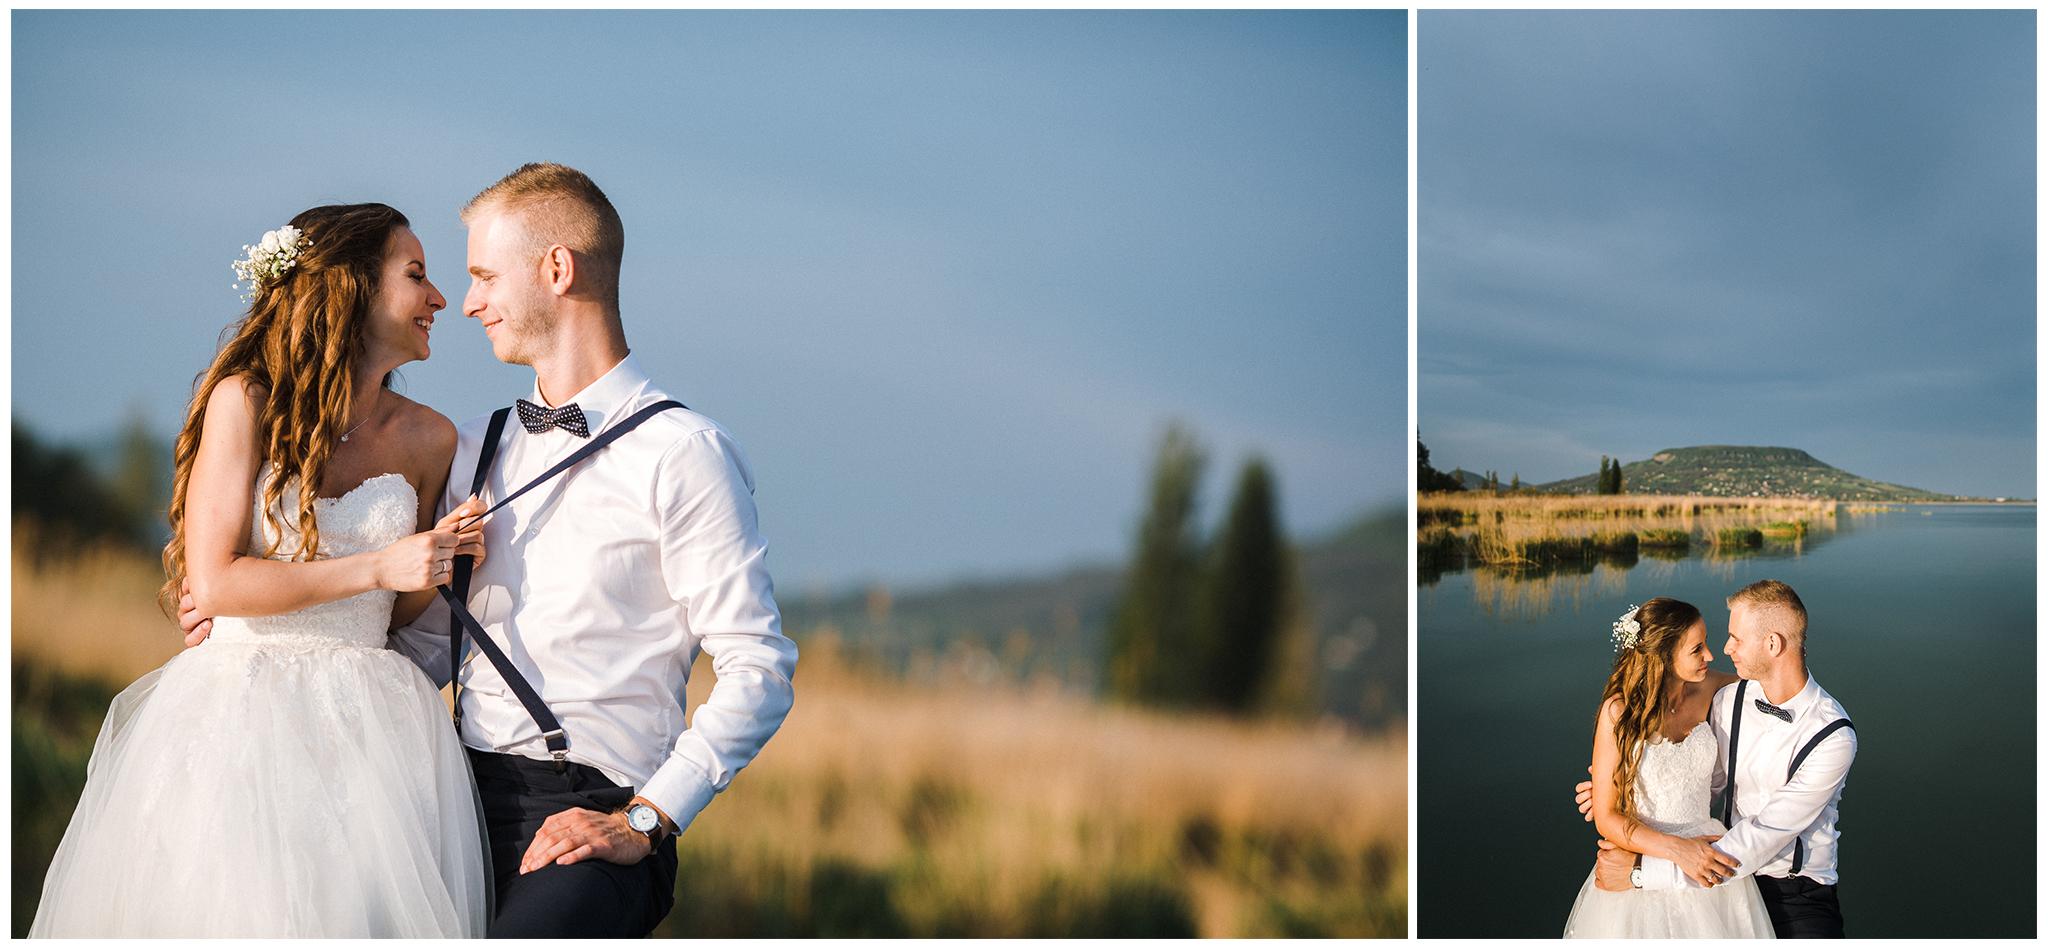 MONT_FylepPhoto, Esküvőfotós Vasmegye, Esküvő fotózás, Esküvői fotós, Körmend, Vas megye, Dunántúl, Budapest, Fülöp Péter, Jegyes fotózás, jegyes, kreatív, kreatívfotózás, Balaton_Réka&Peti,2018_017.jpg